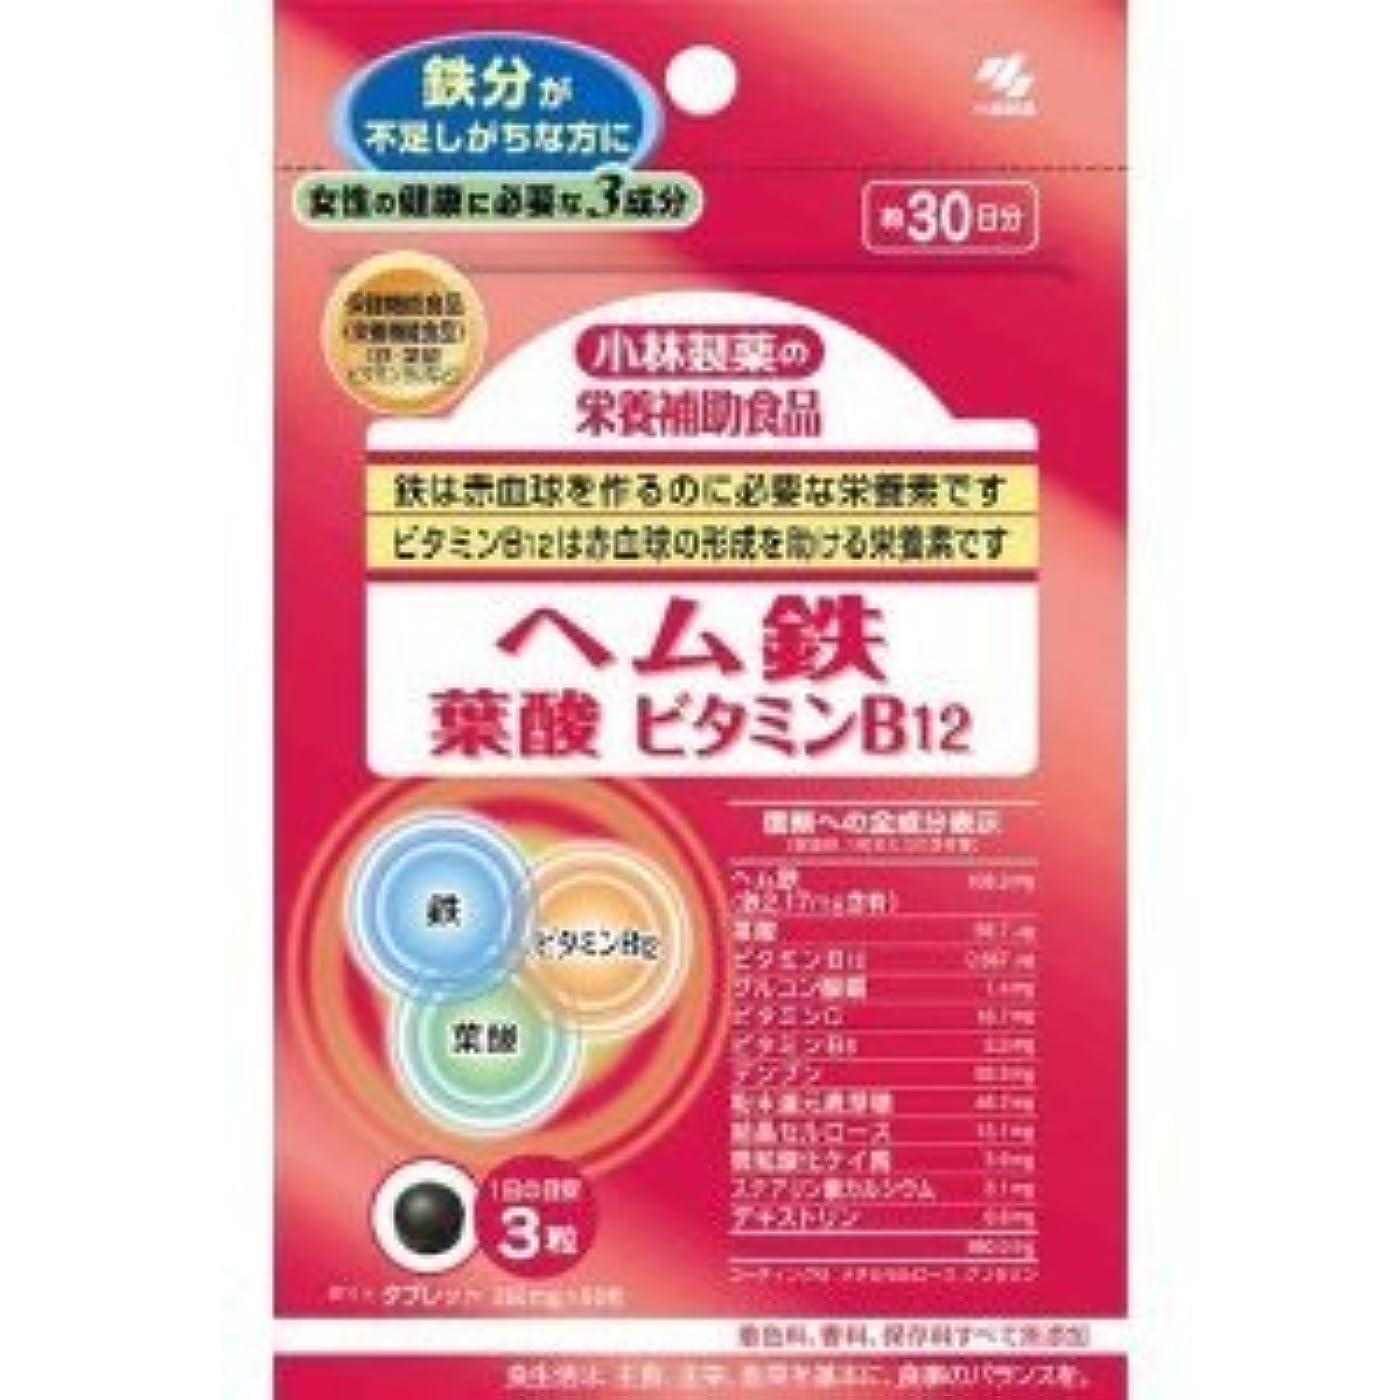 ブラジャーのホストリップ小林製薬の栄養補助食品ヘム鉄葉酸ビタミンB12(90粒)×4個セット